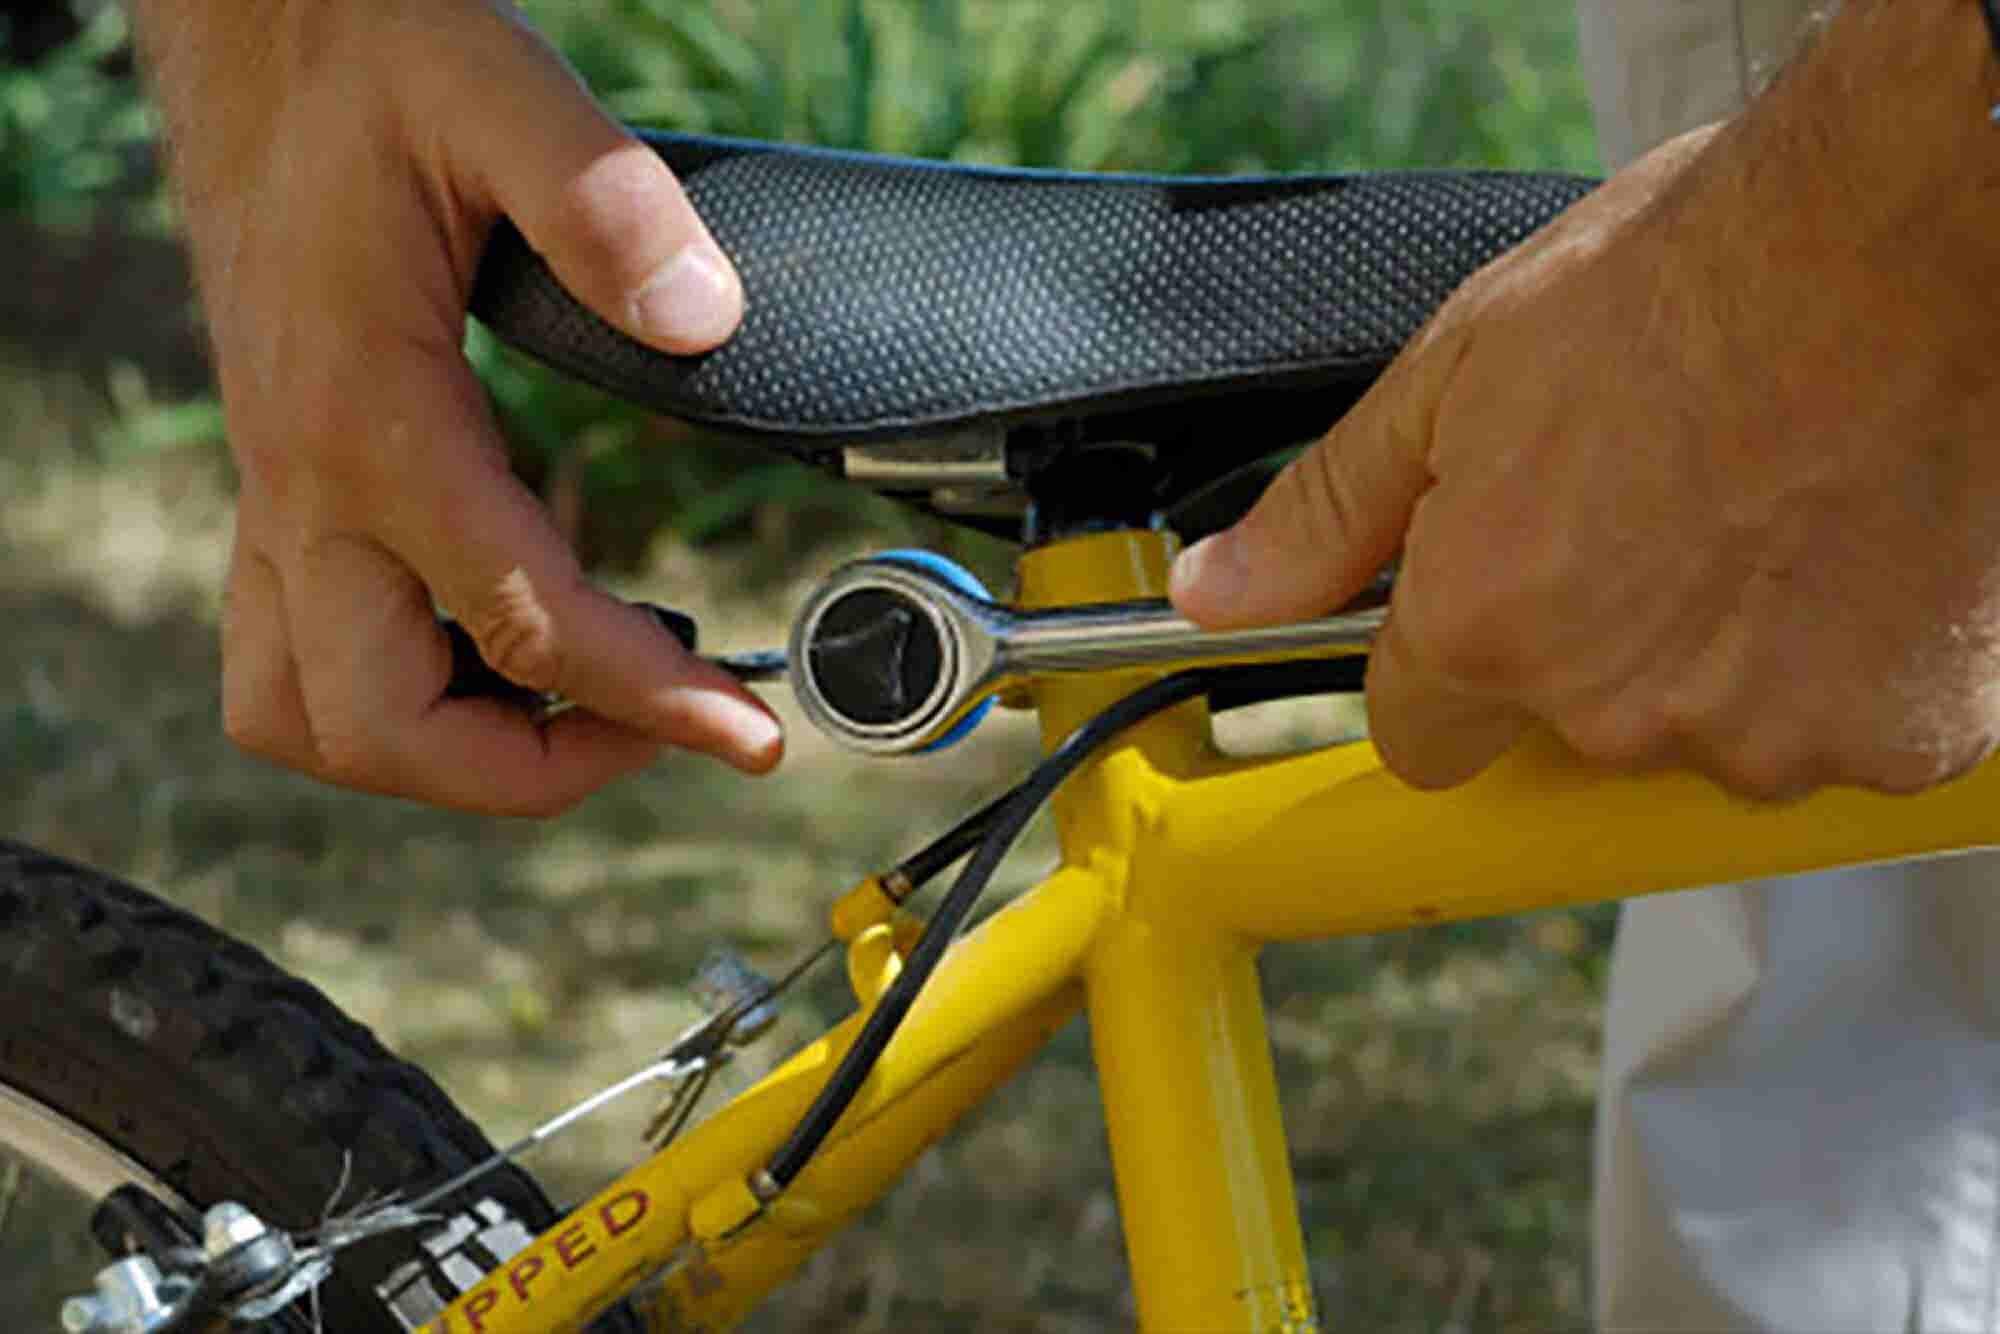 Asistencia en el camino para bicicletas